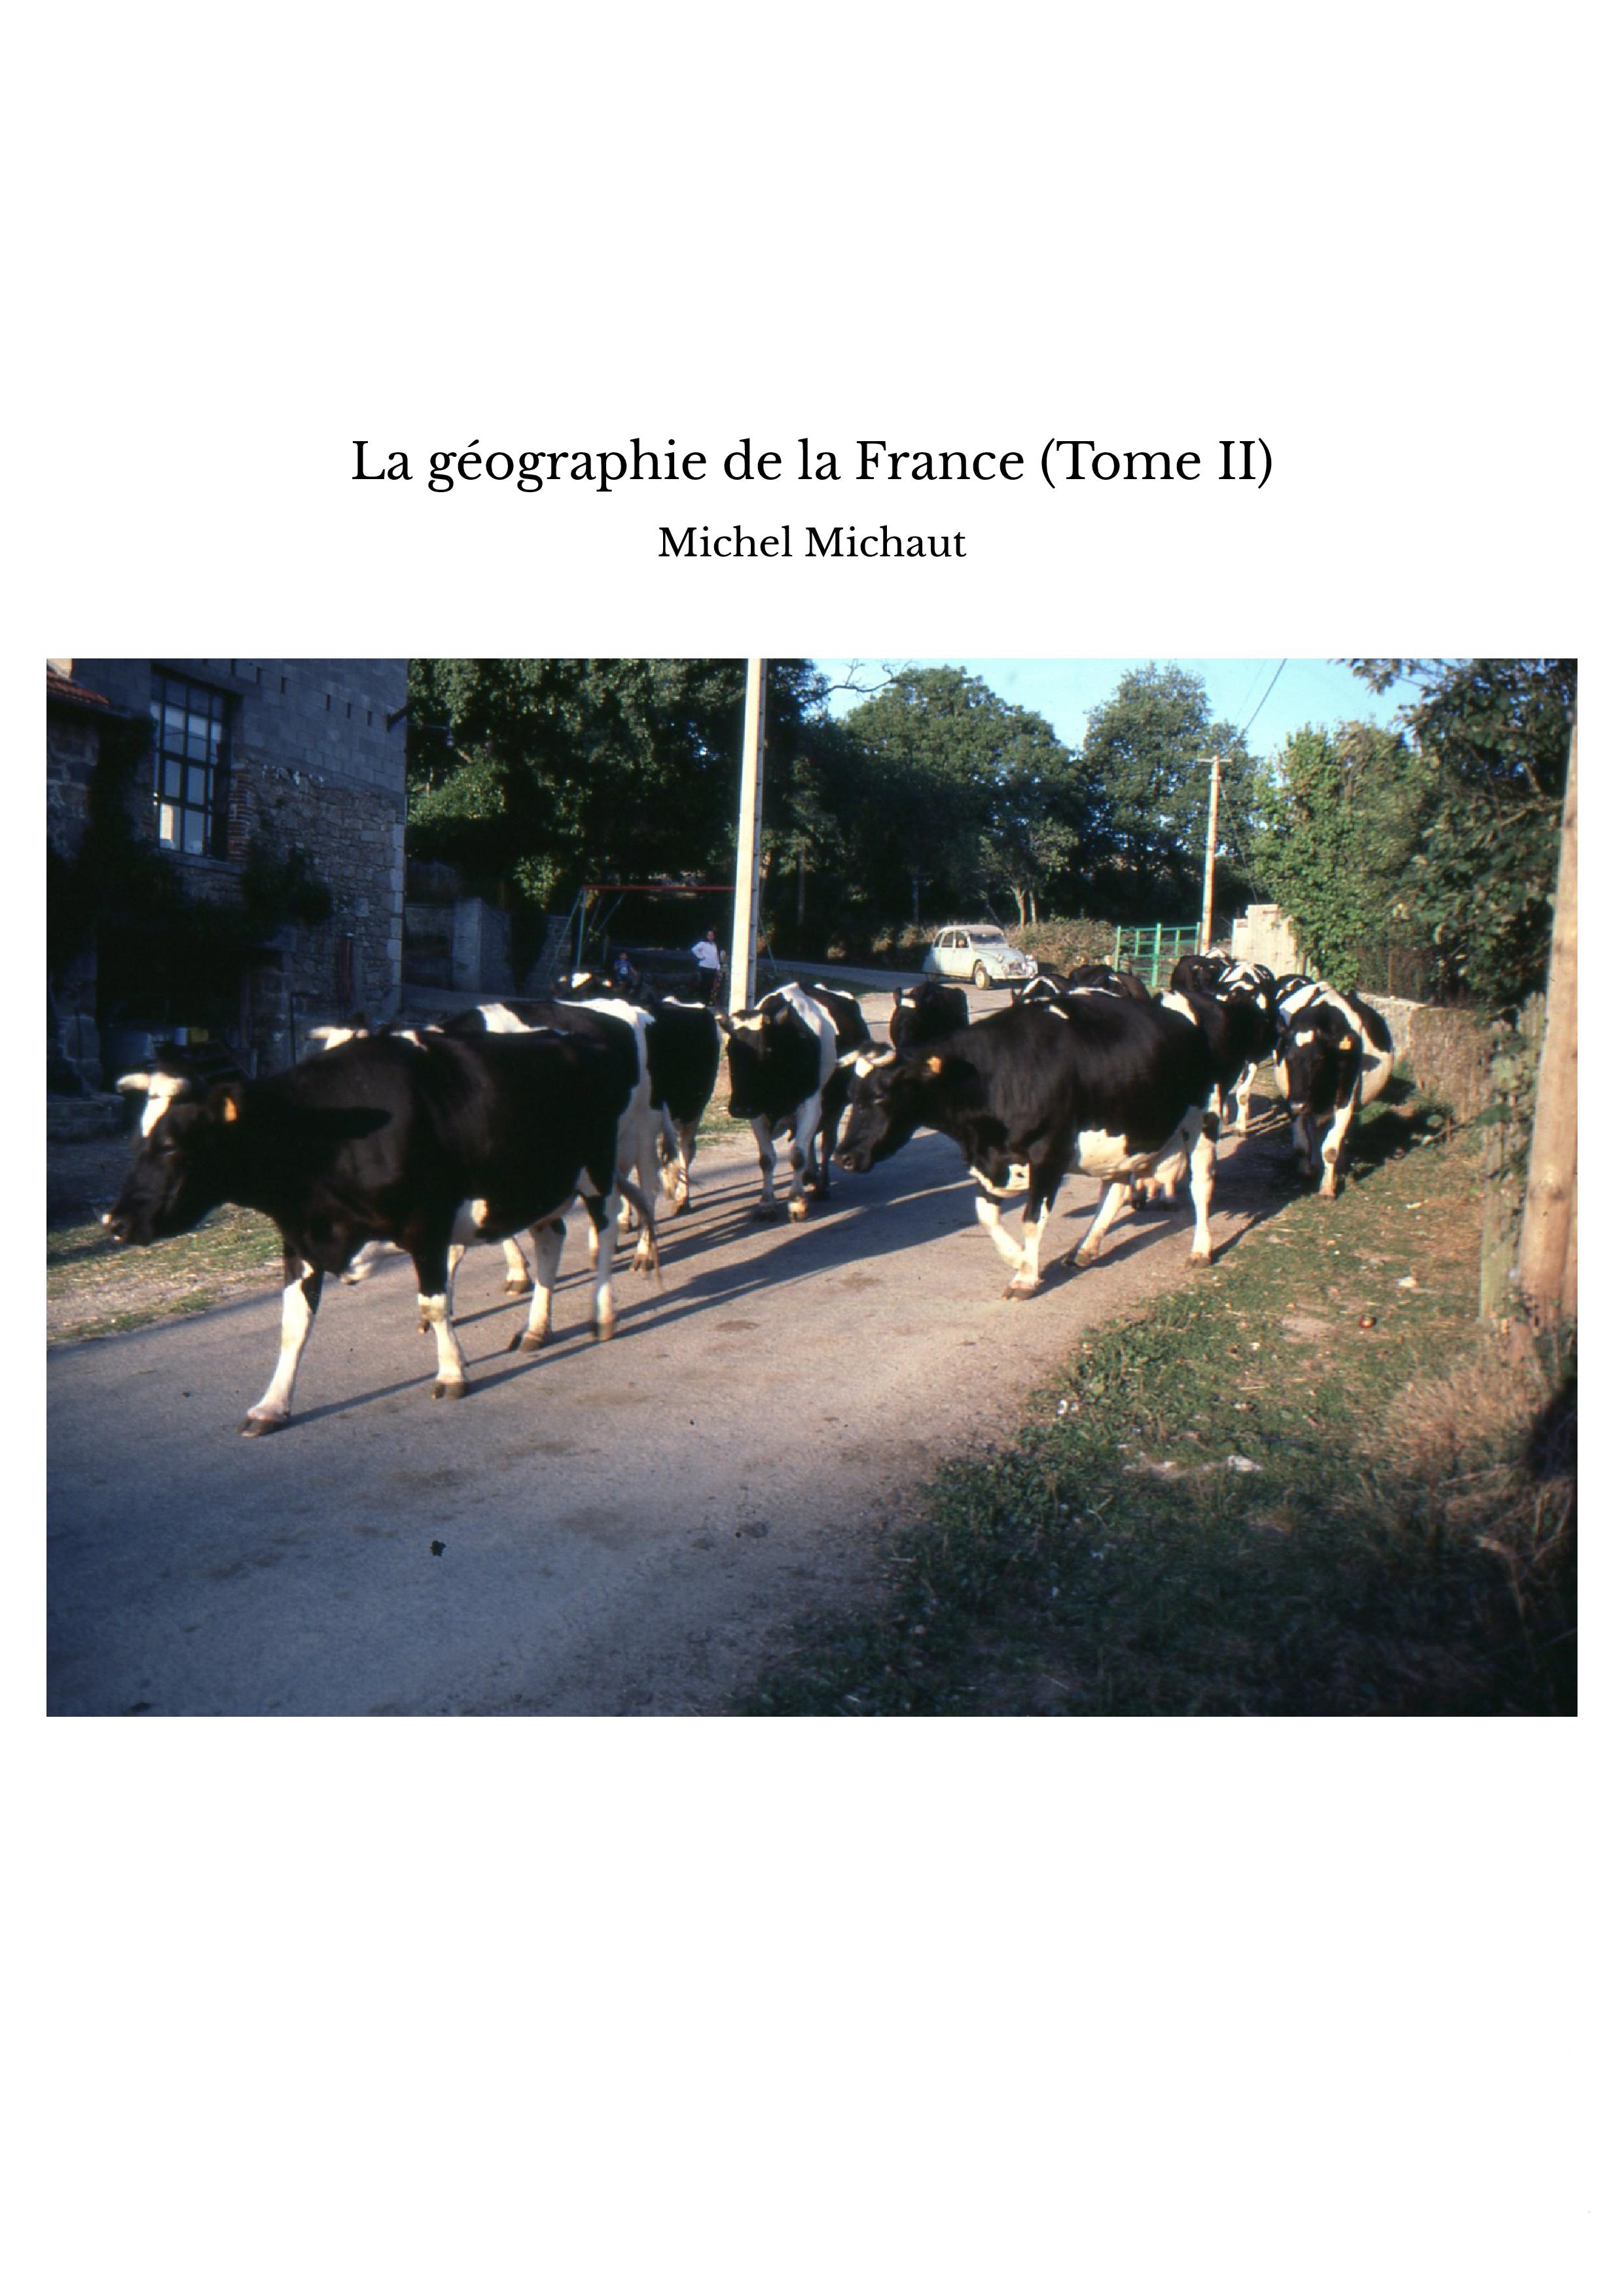 La géographie de la France (Tome II)